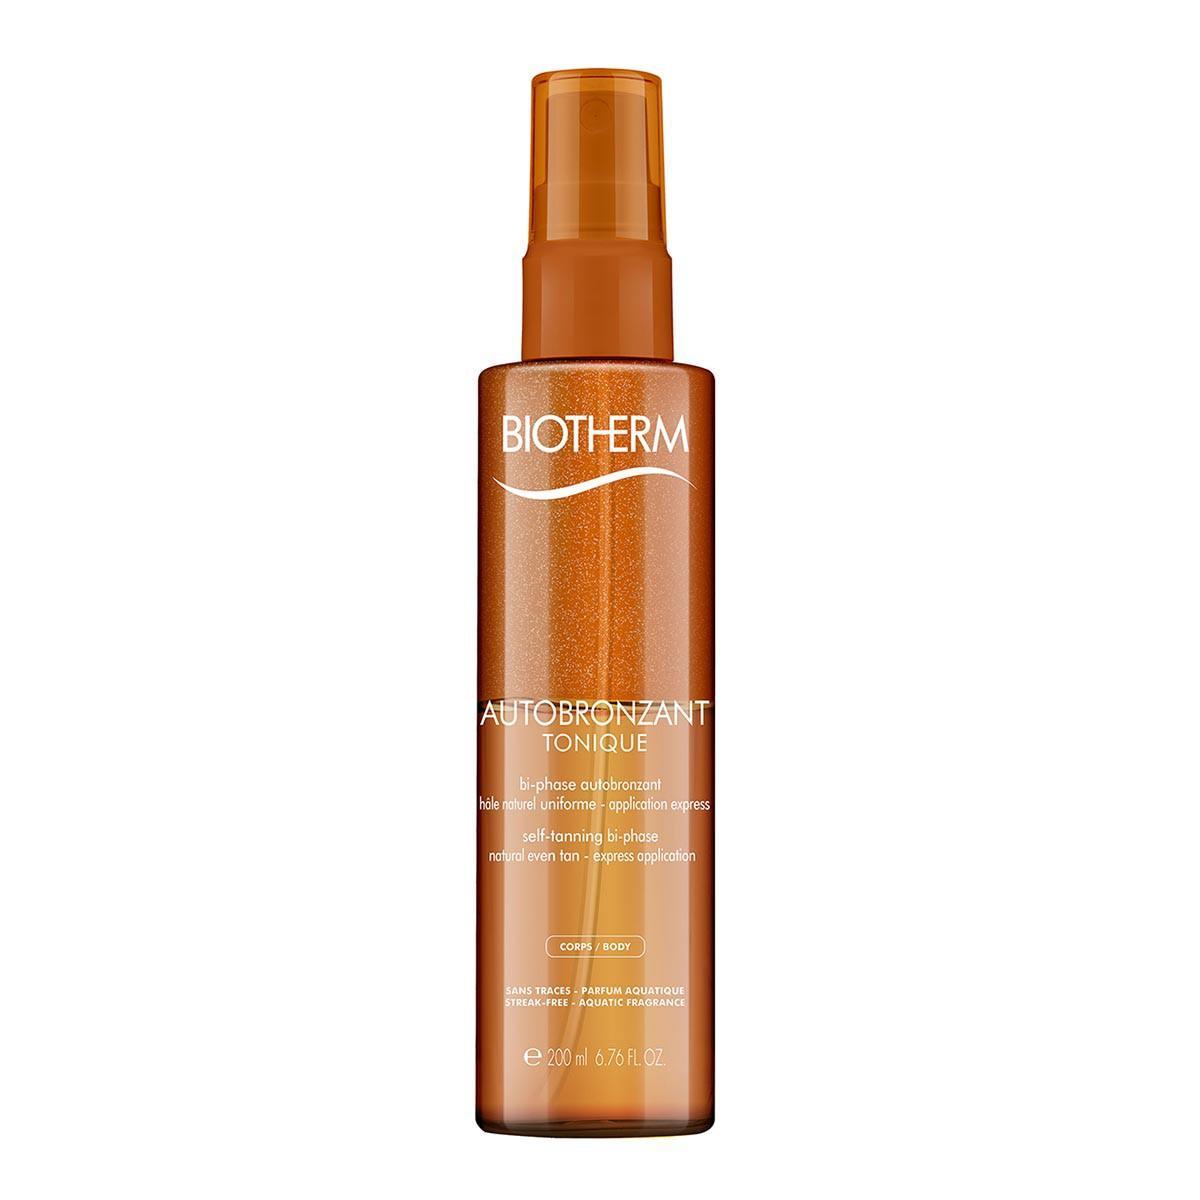 Biotherm-fragrances Autobronzant Tonique Biphase 200ml